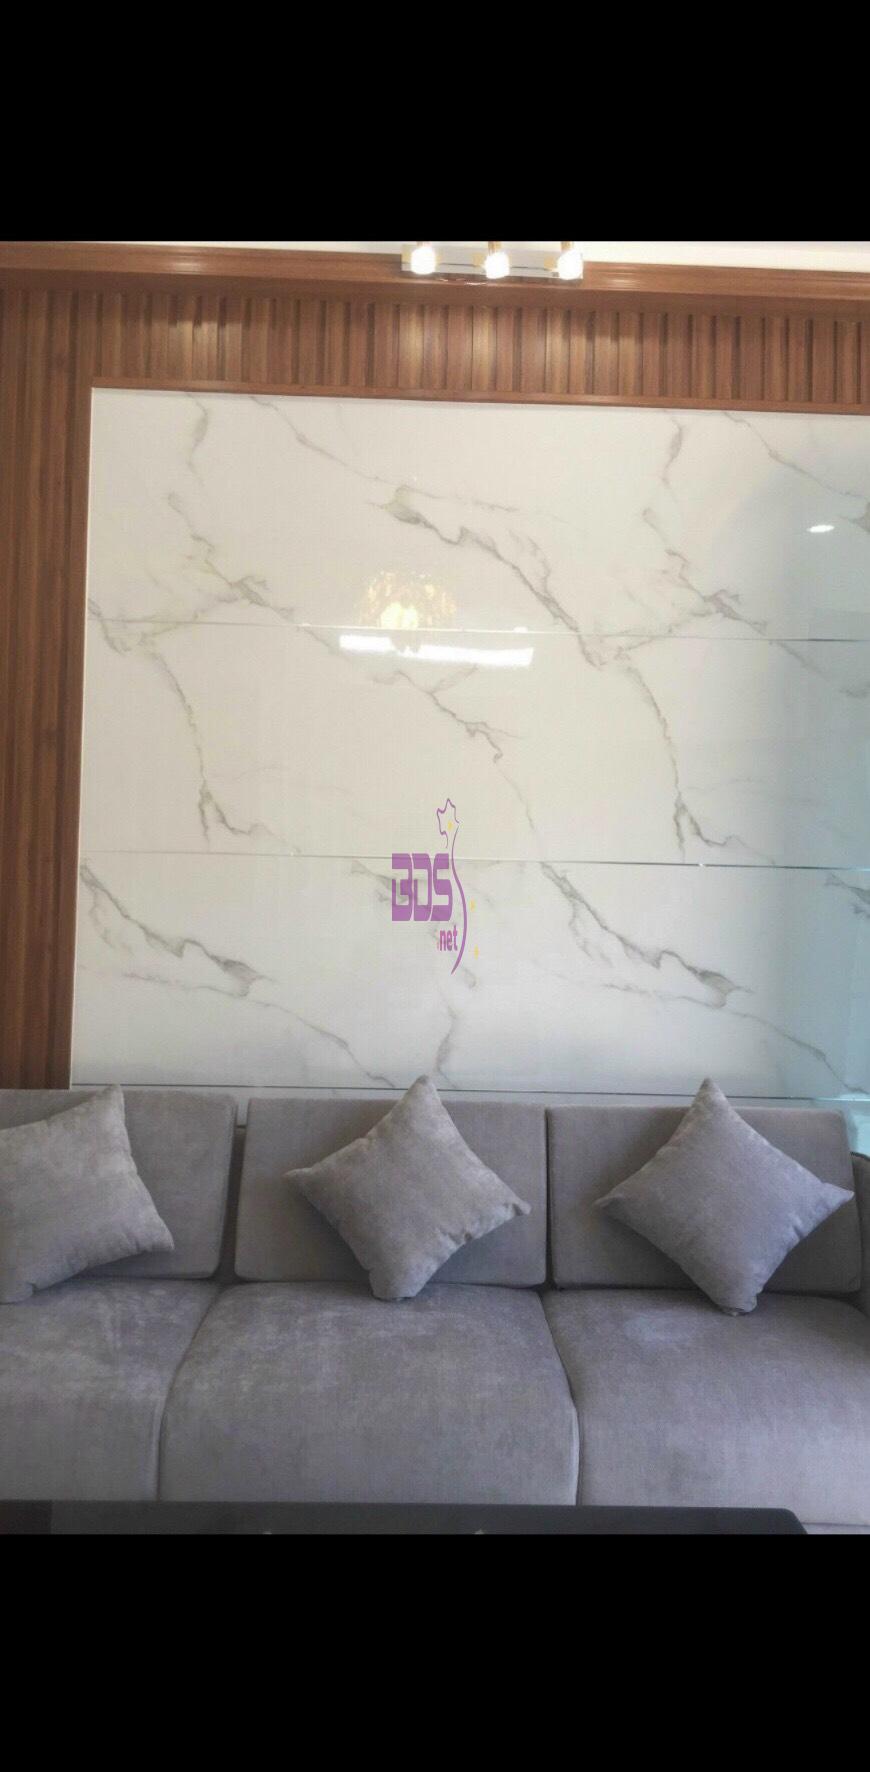 Bán nhà phố Lê Viết Quang rộng 45.6m2 giá VIP chỉ hơn 1,6 tỷ-3